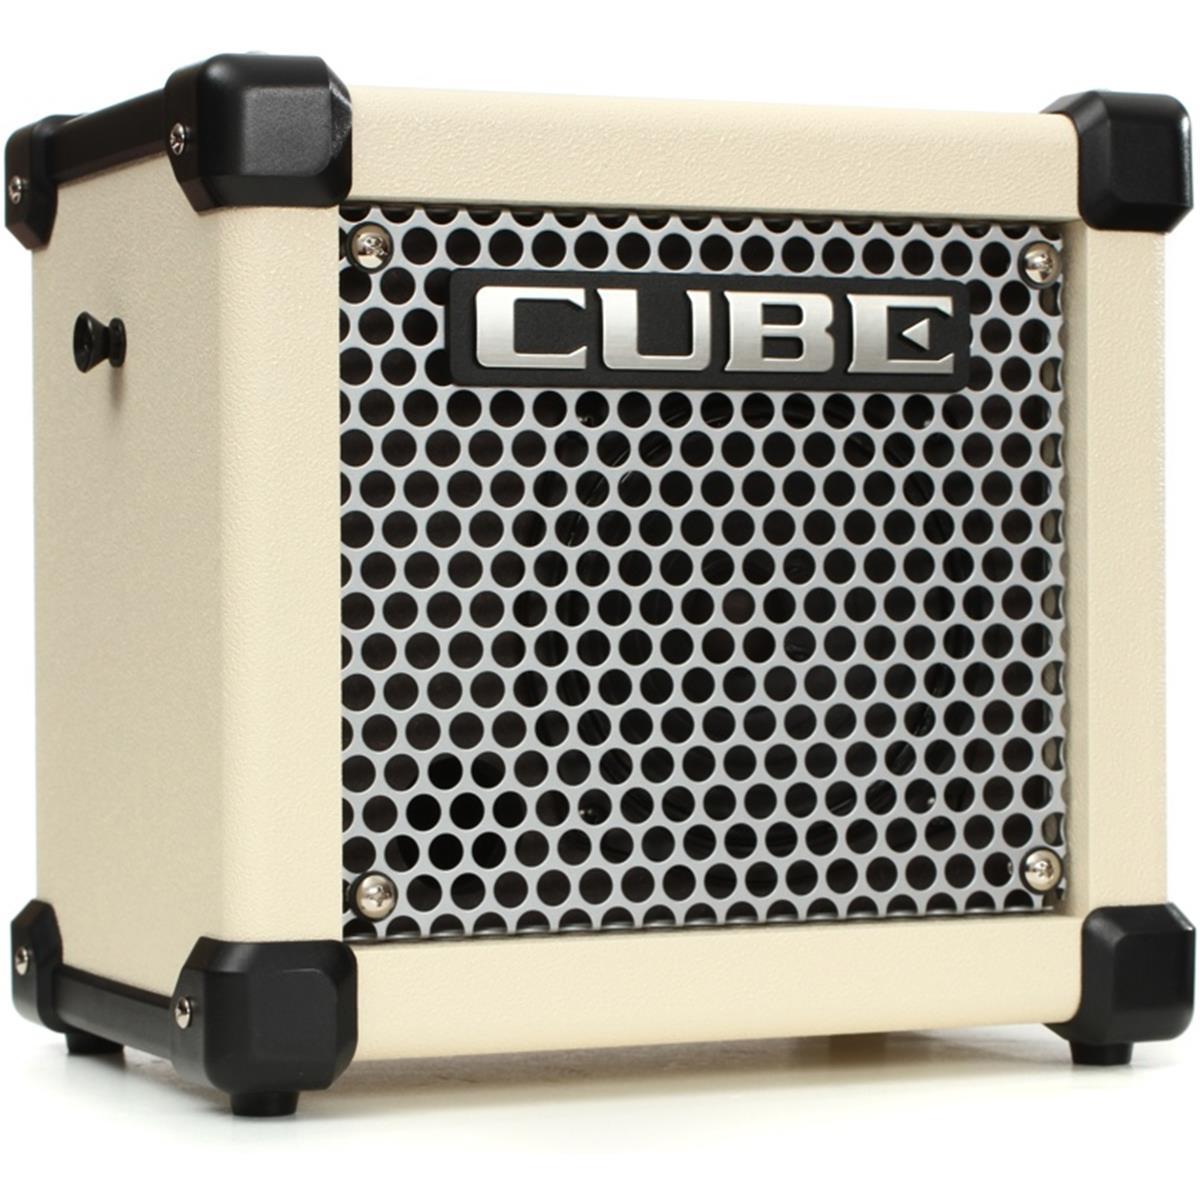 ROLAND MCUBE MICRO CUBE GX WHITE new! - Chitarre Amplificatori - Combo